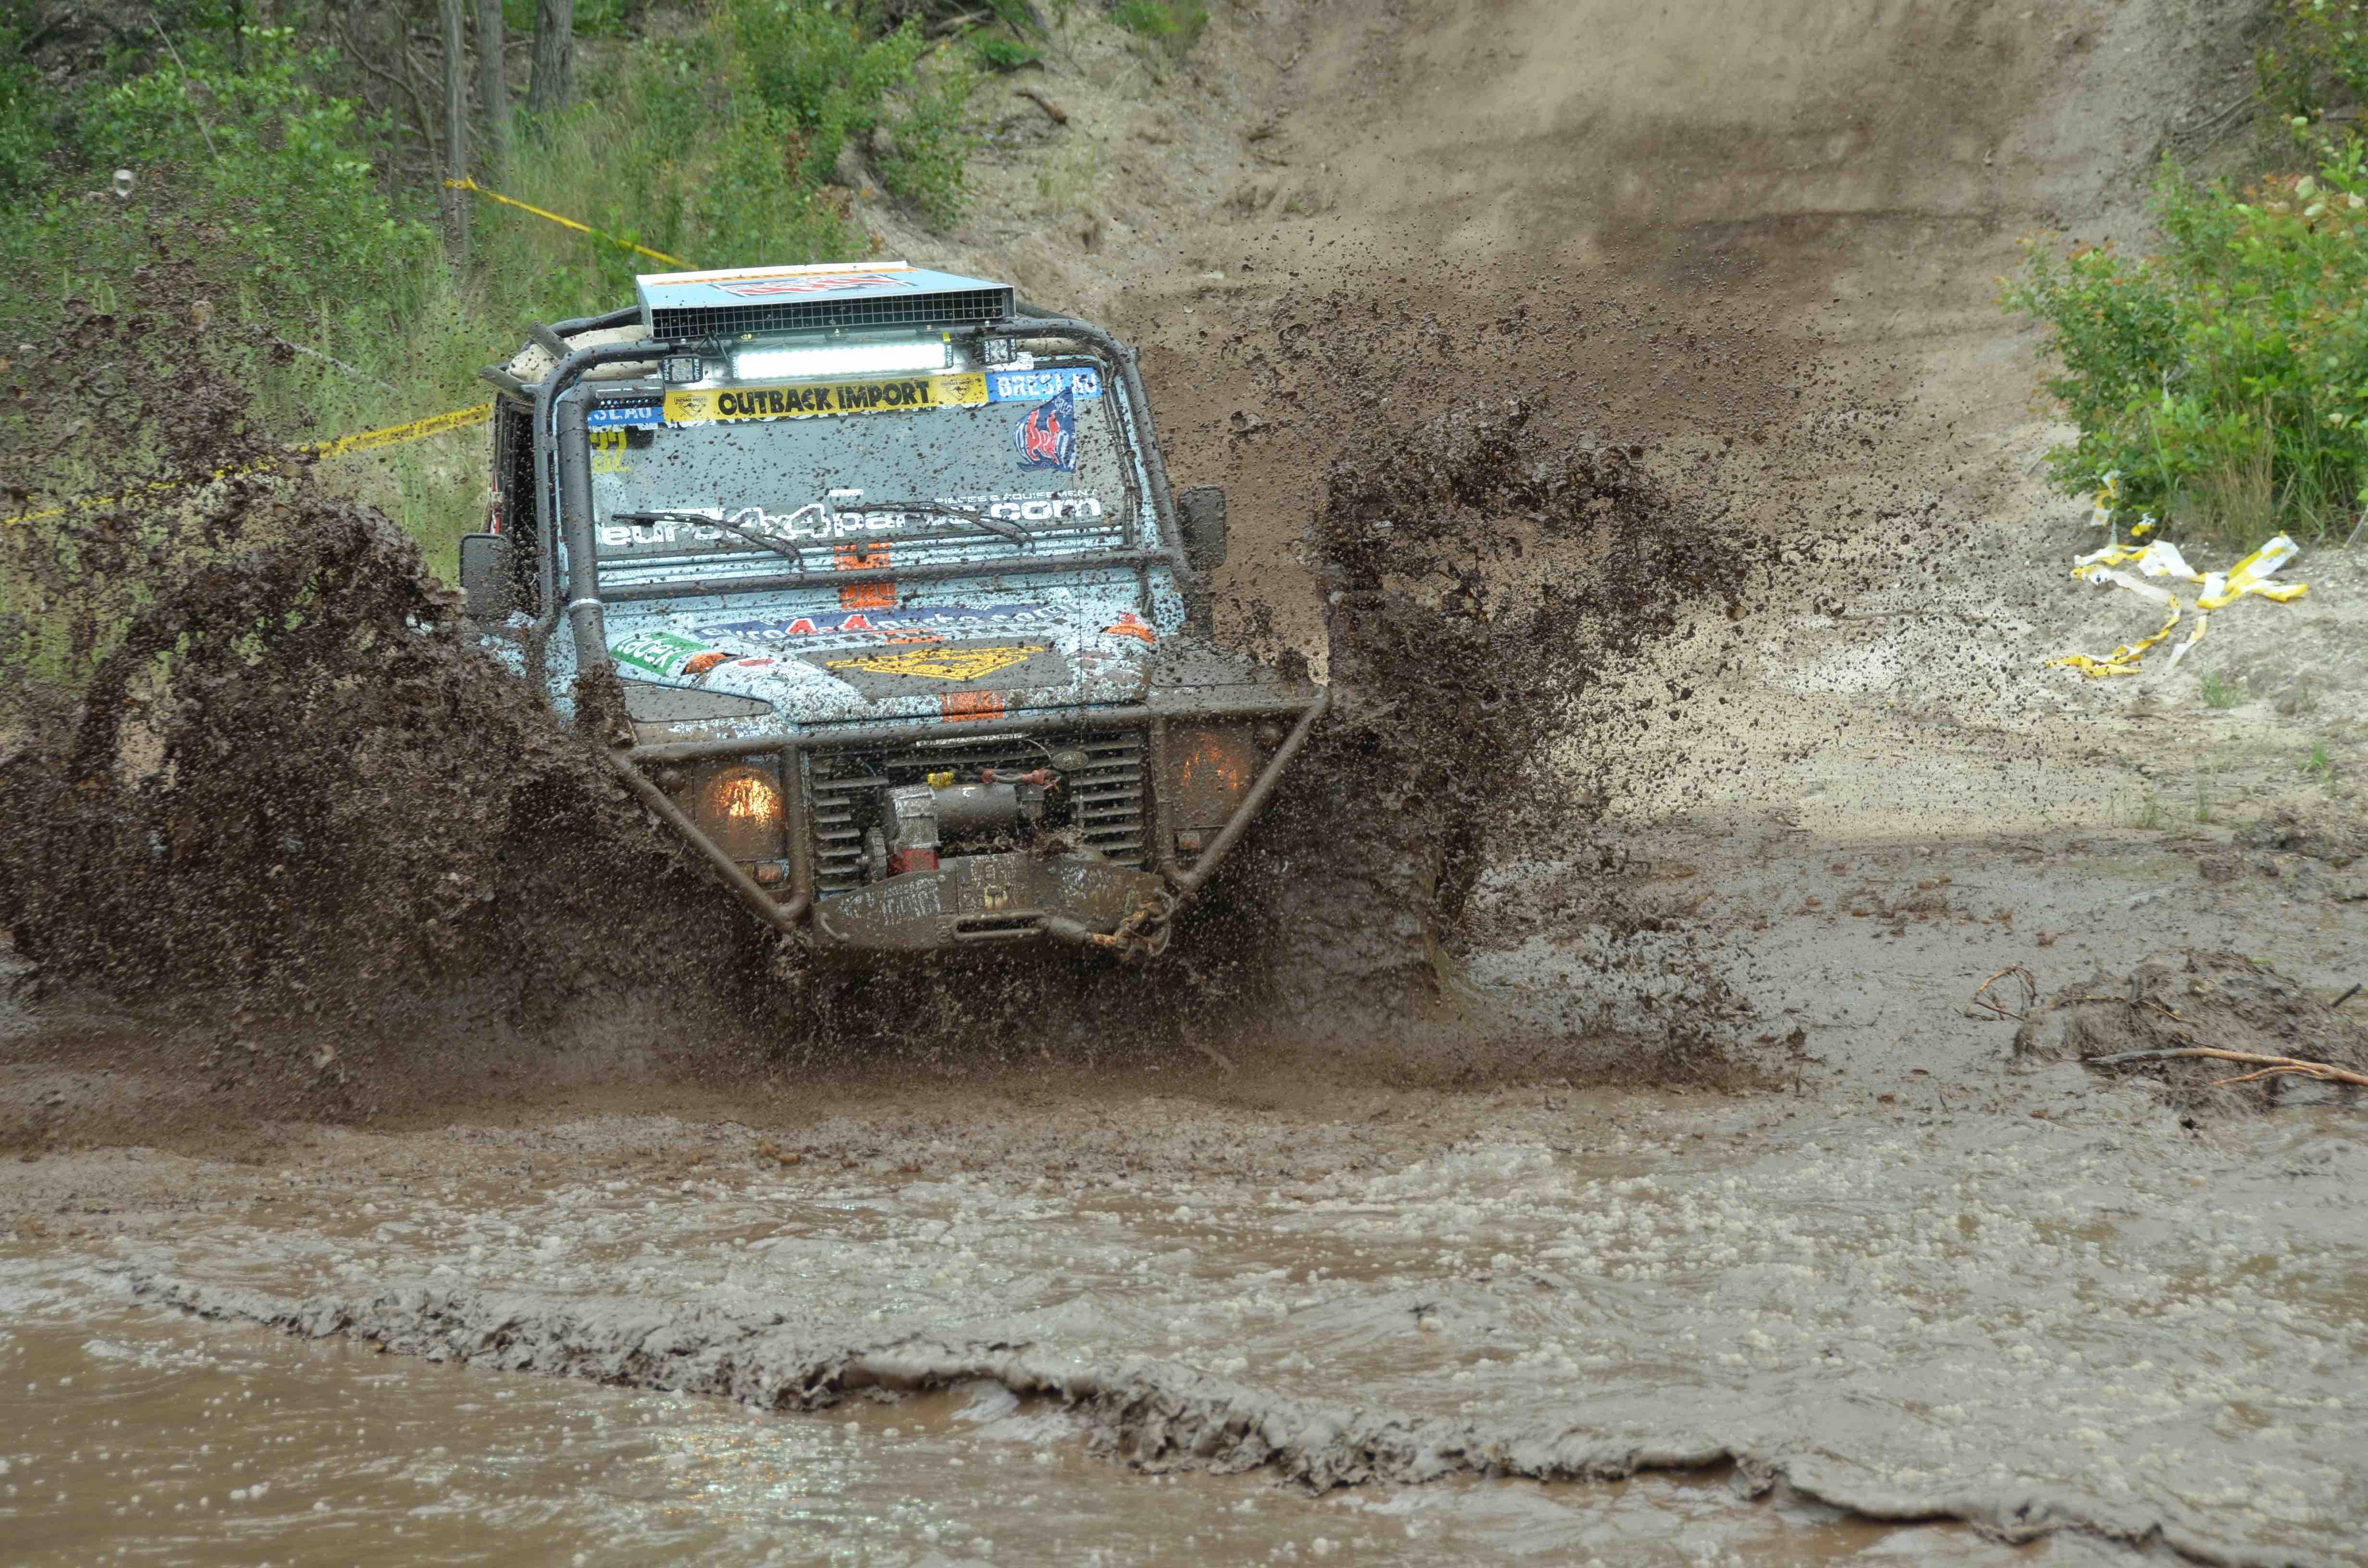 Rallye Breslau Prolog